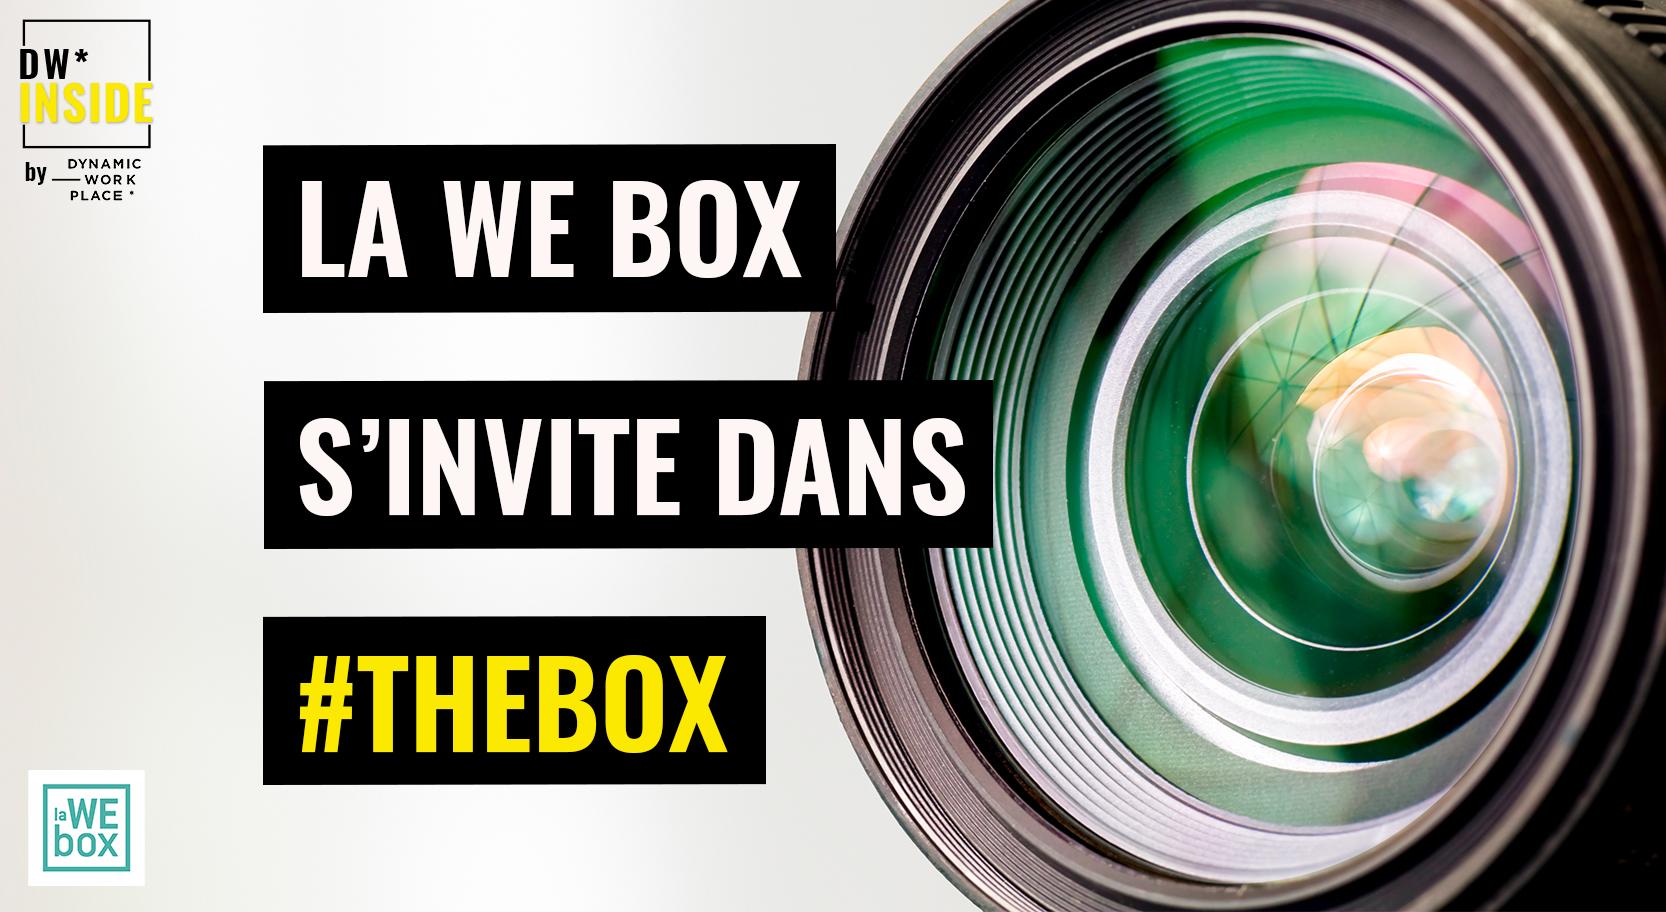 la WE box s'invite dans #TheBox by DW* INSIDE